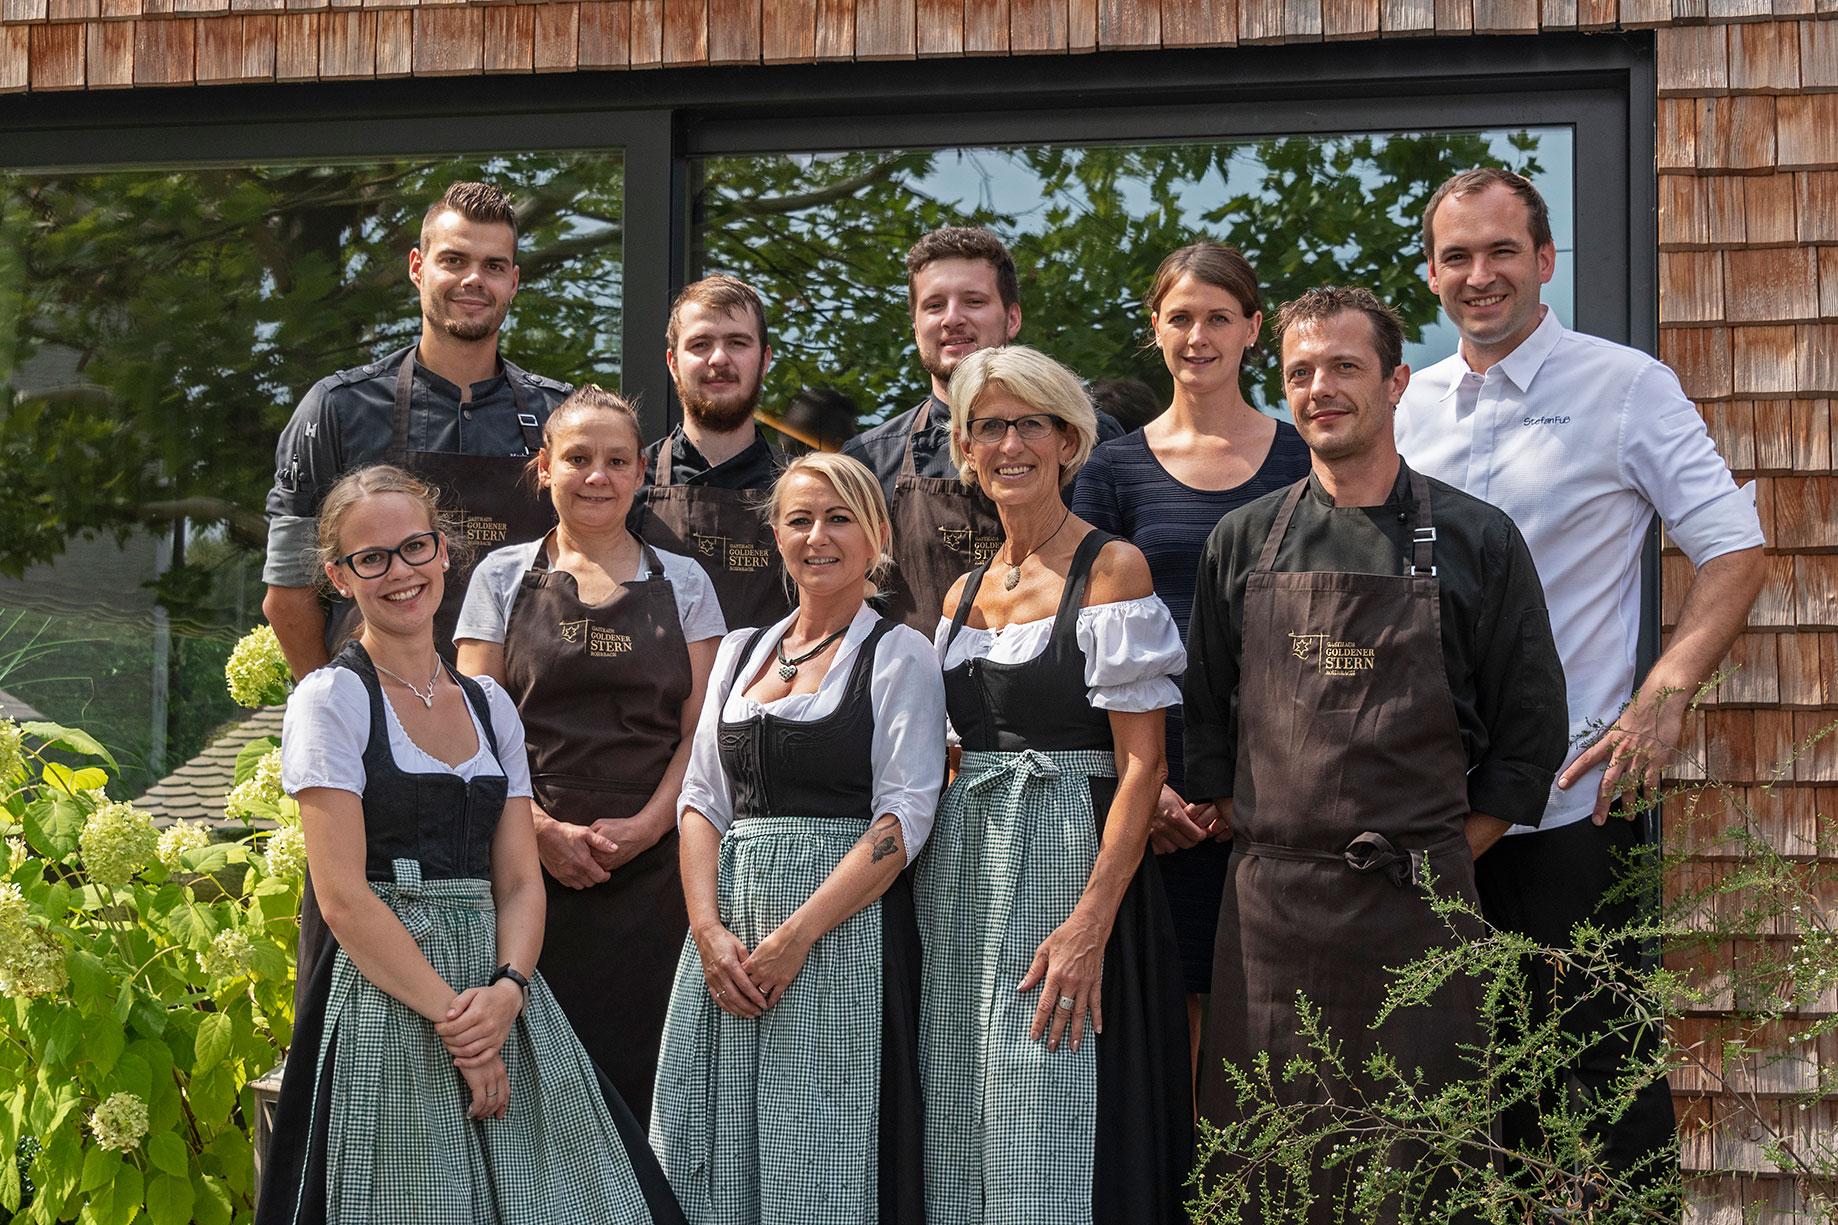 Die Familie Stefan Fuss mit der belegschaft des Gasthofs Goldener Stern